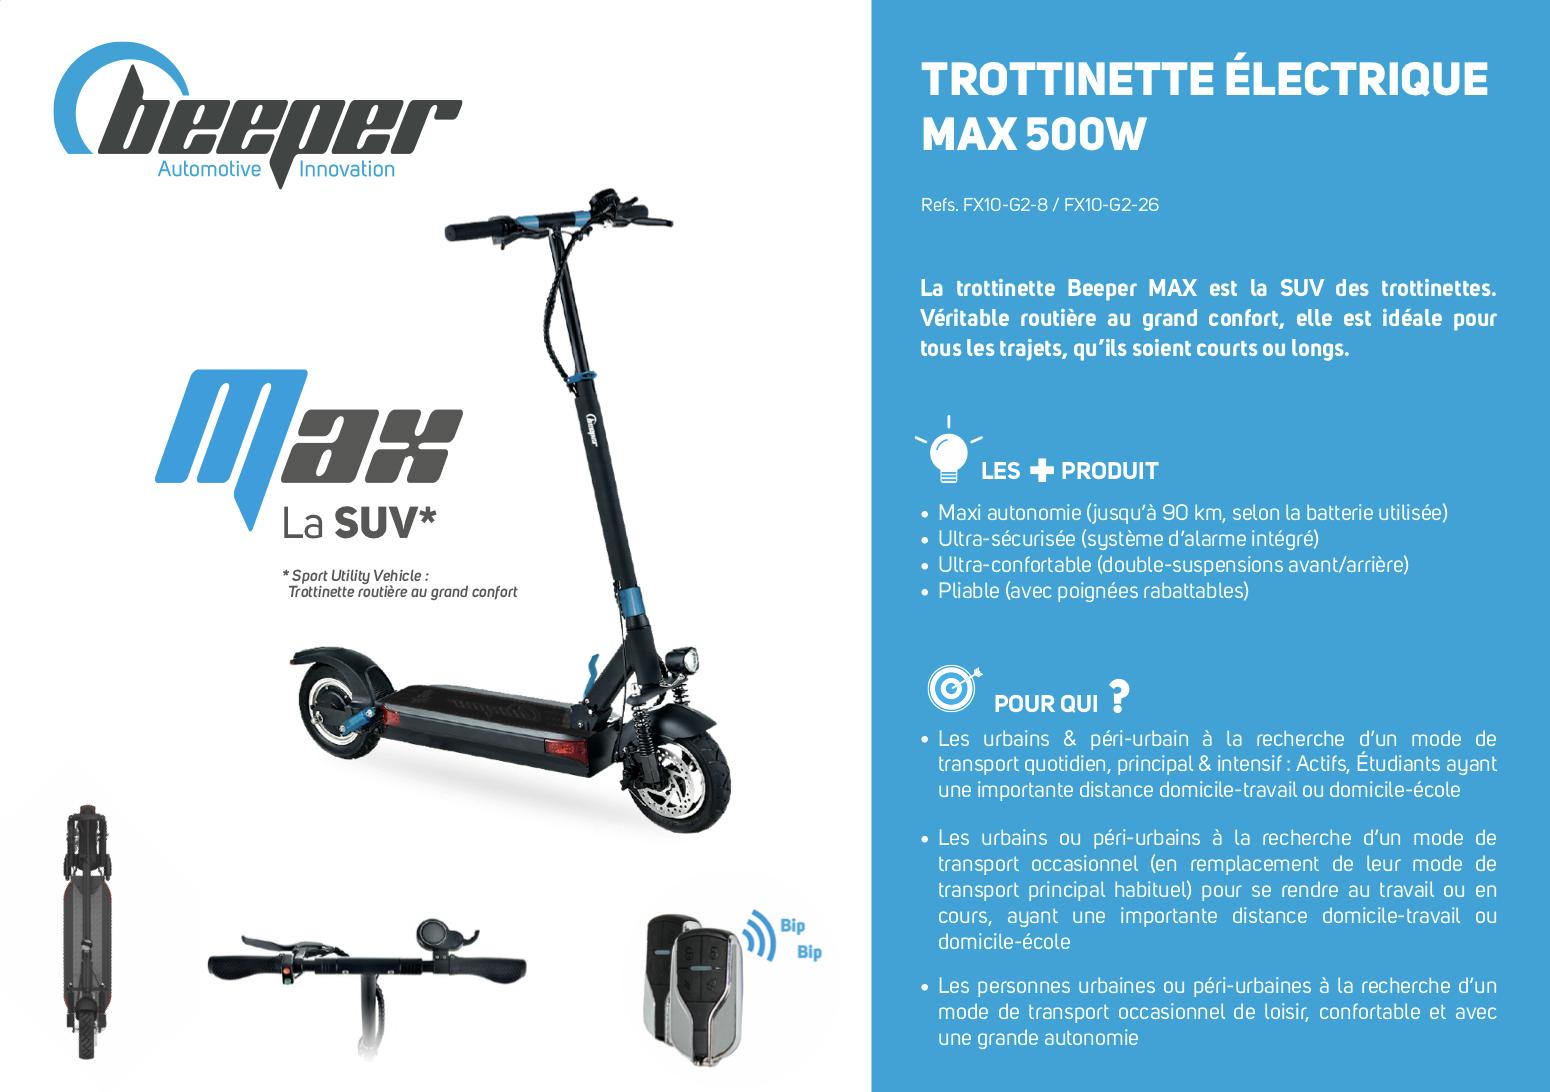 Trottinette électrique Beeper MAX G2 - Fiche produit 8 Ah